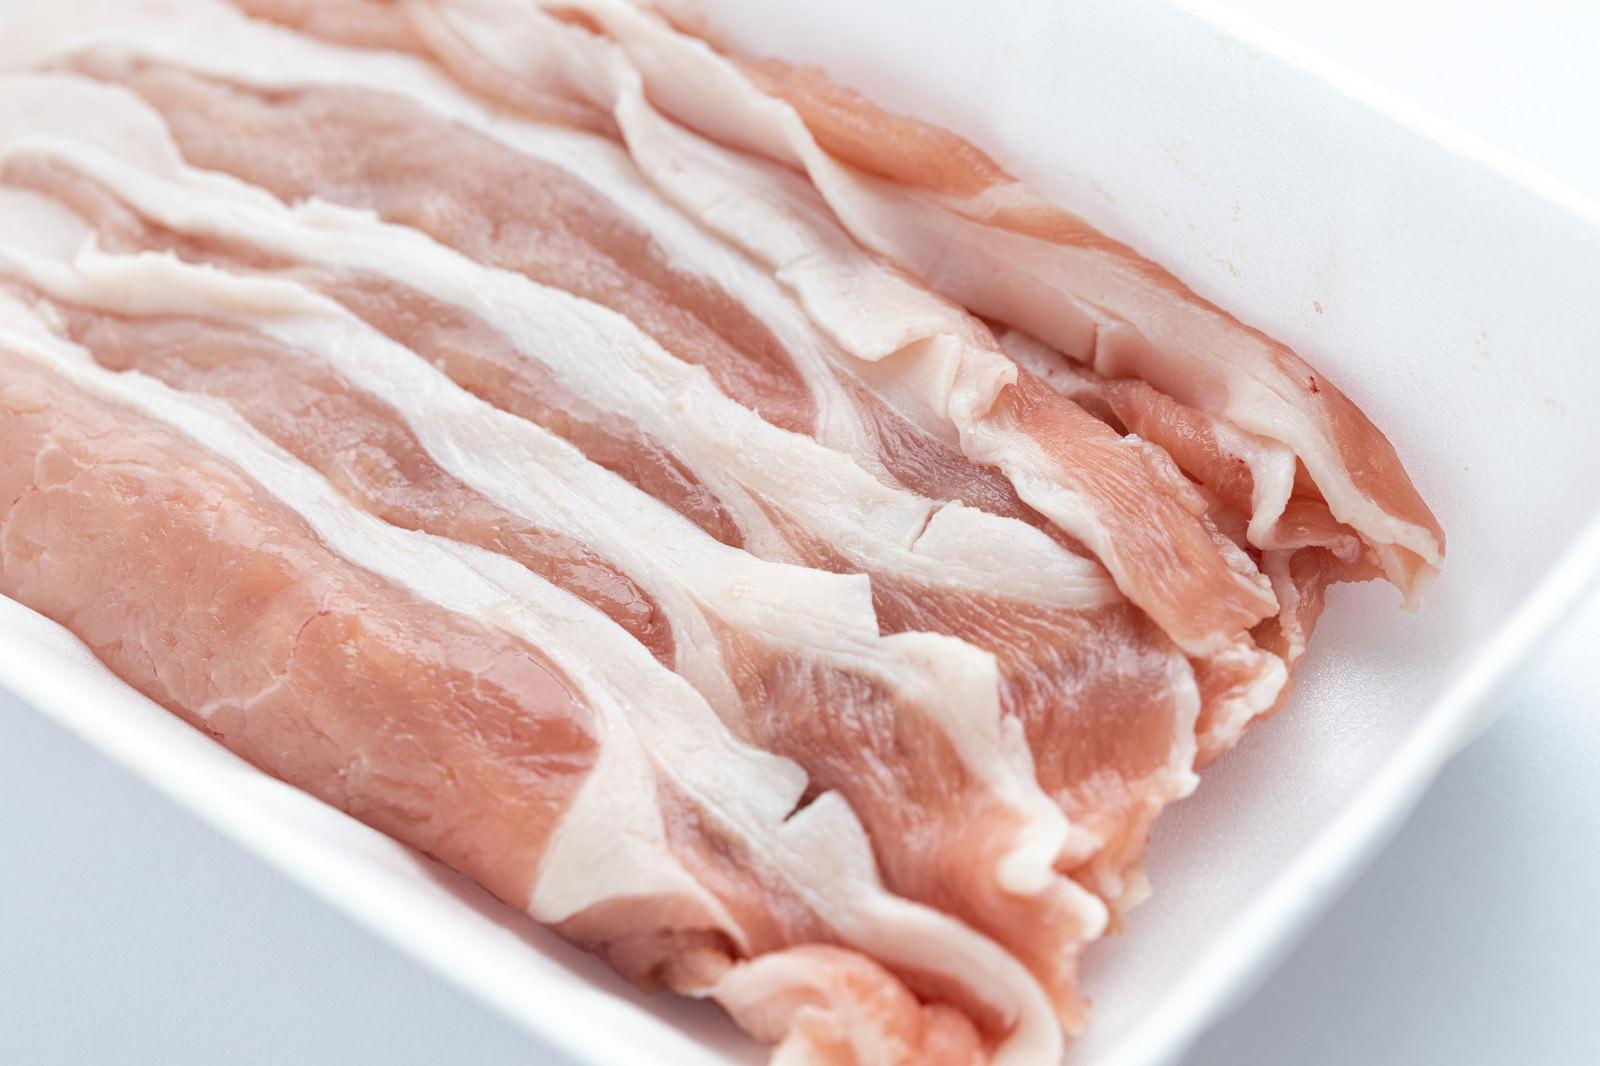 「豚肉(しゃぶしゃぶ用)」の写真